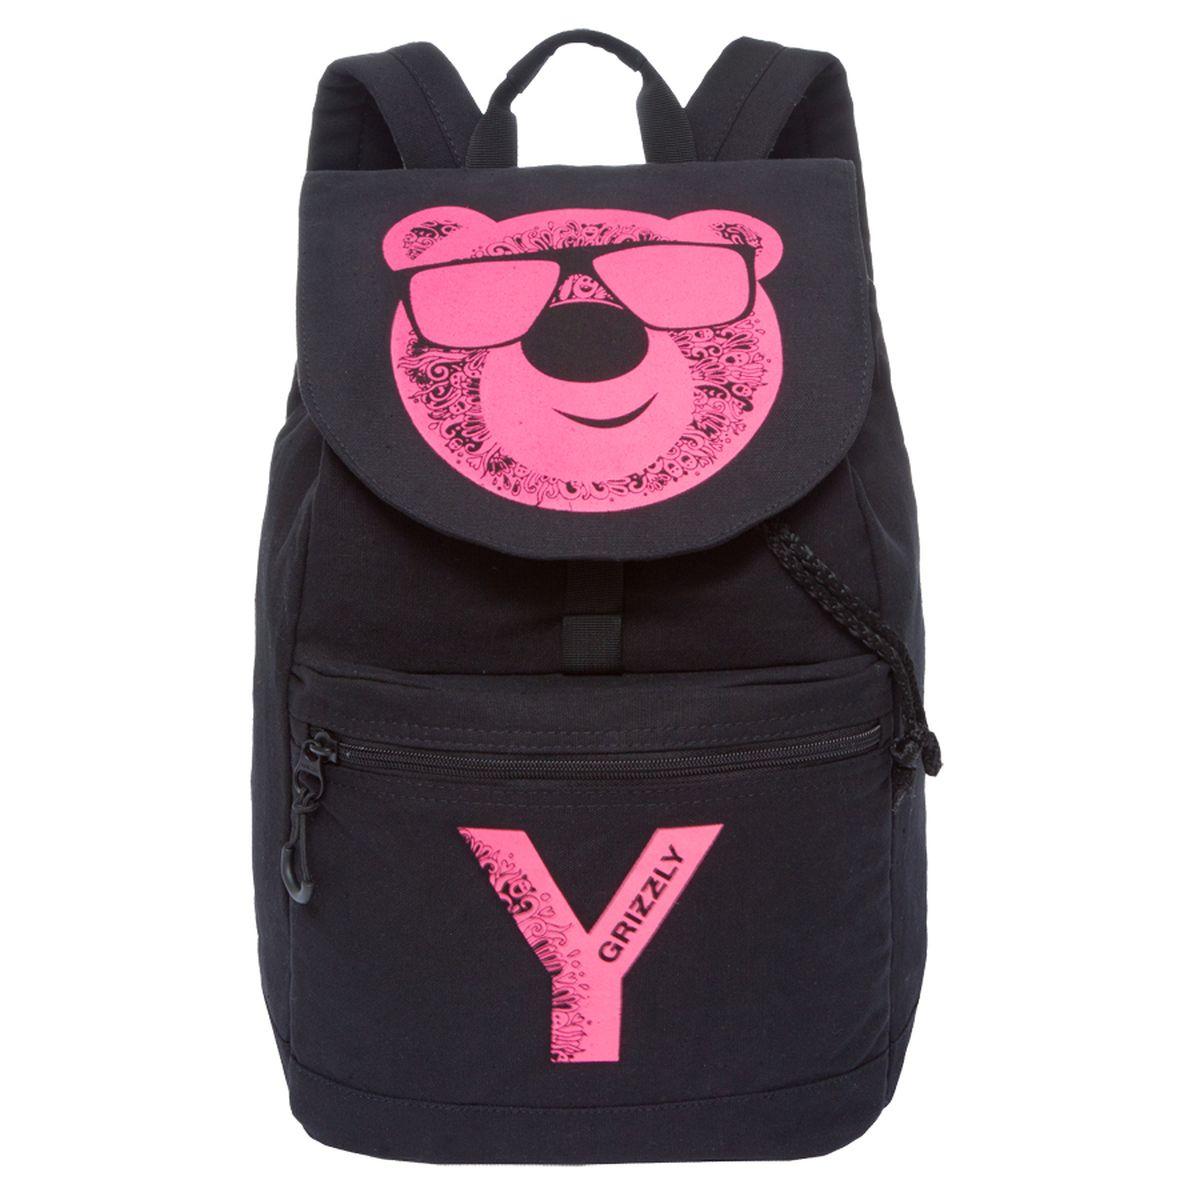 Рюкзак молодежный Grizzly, цвет: черный-фиолетовый. 18 л. RD-744-1/4 чемодан grizzly цвет фиолетовый черный 40 л lt 595 20 3